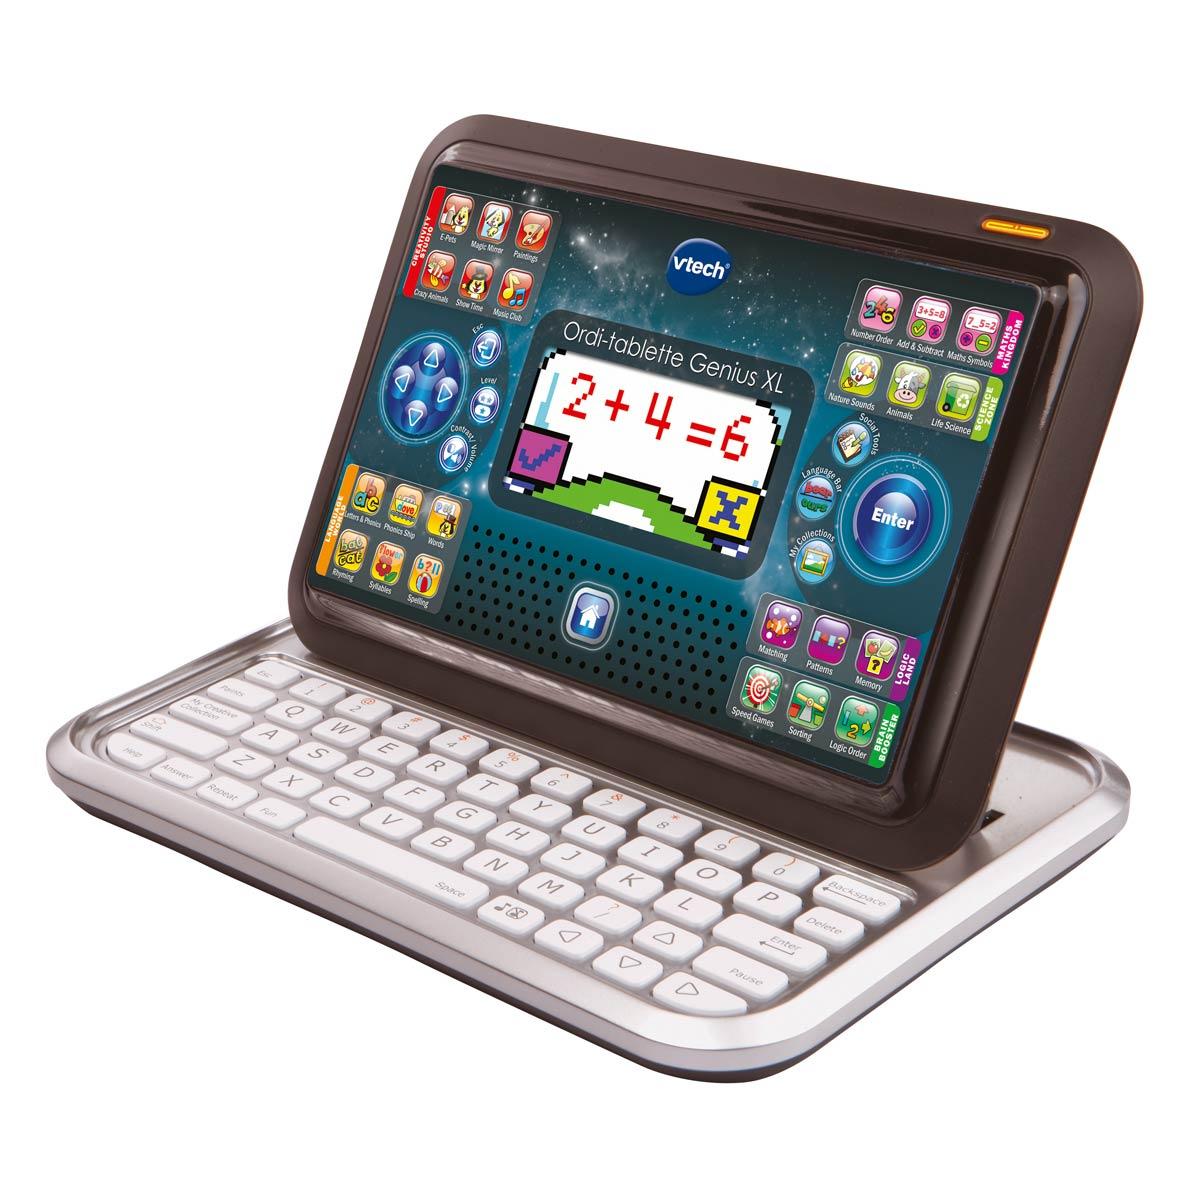 Ordinateur Tablette Genius Xl Noir intérieur Tablette Pour Enfant De 4 Ans